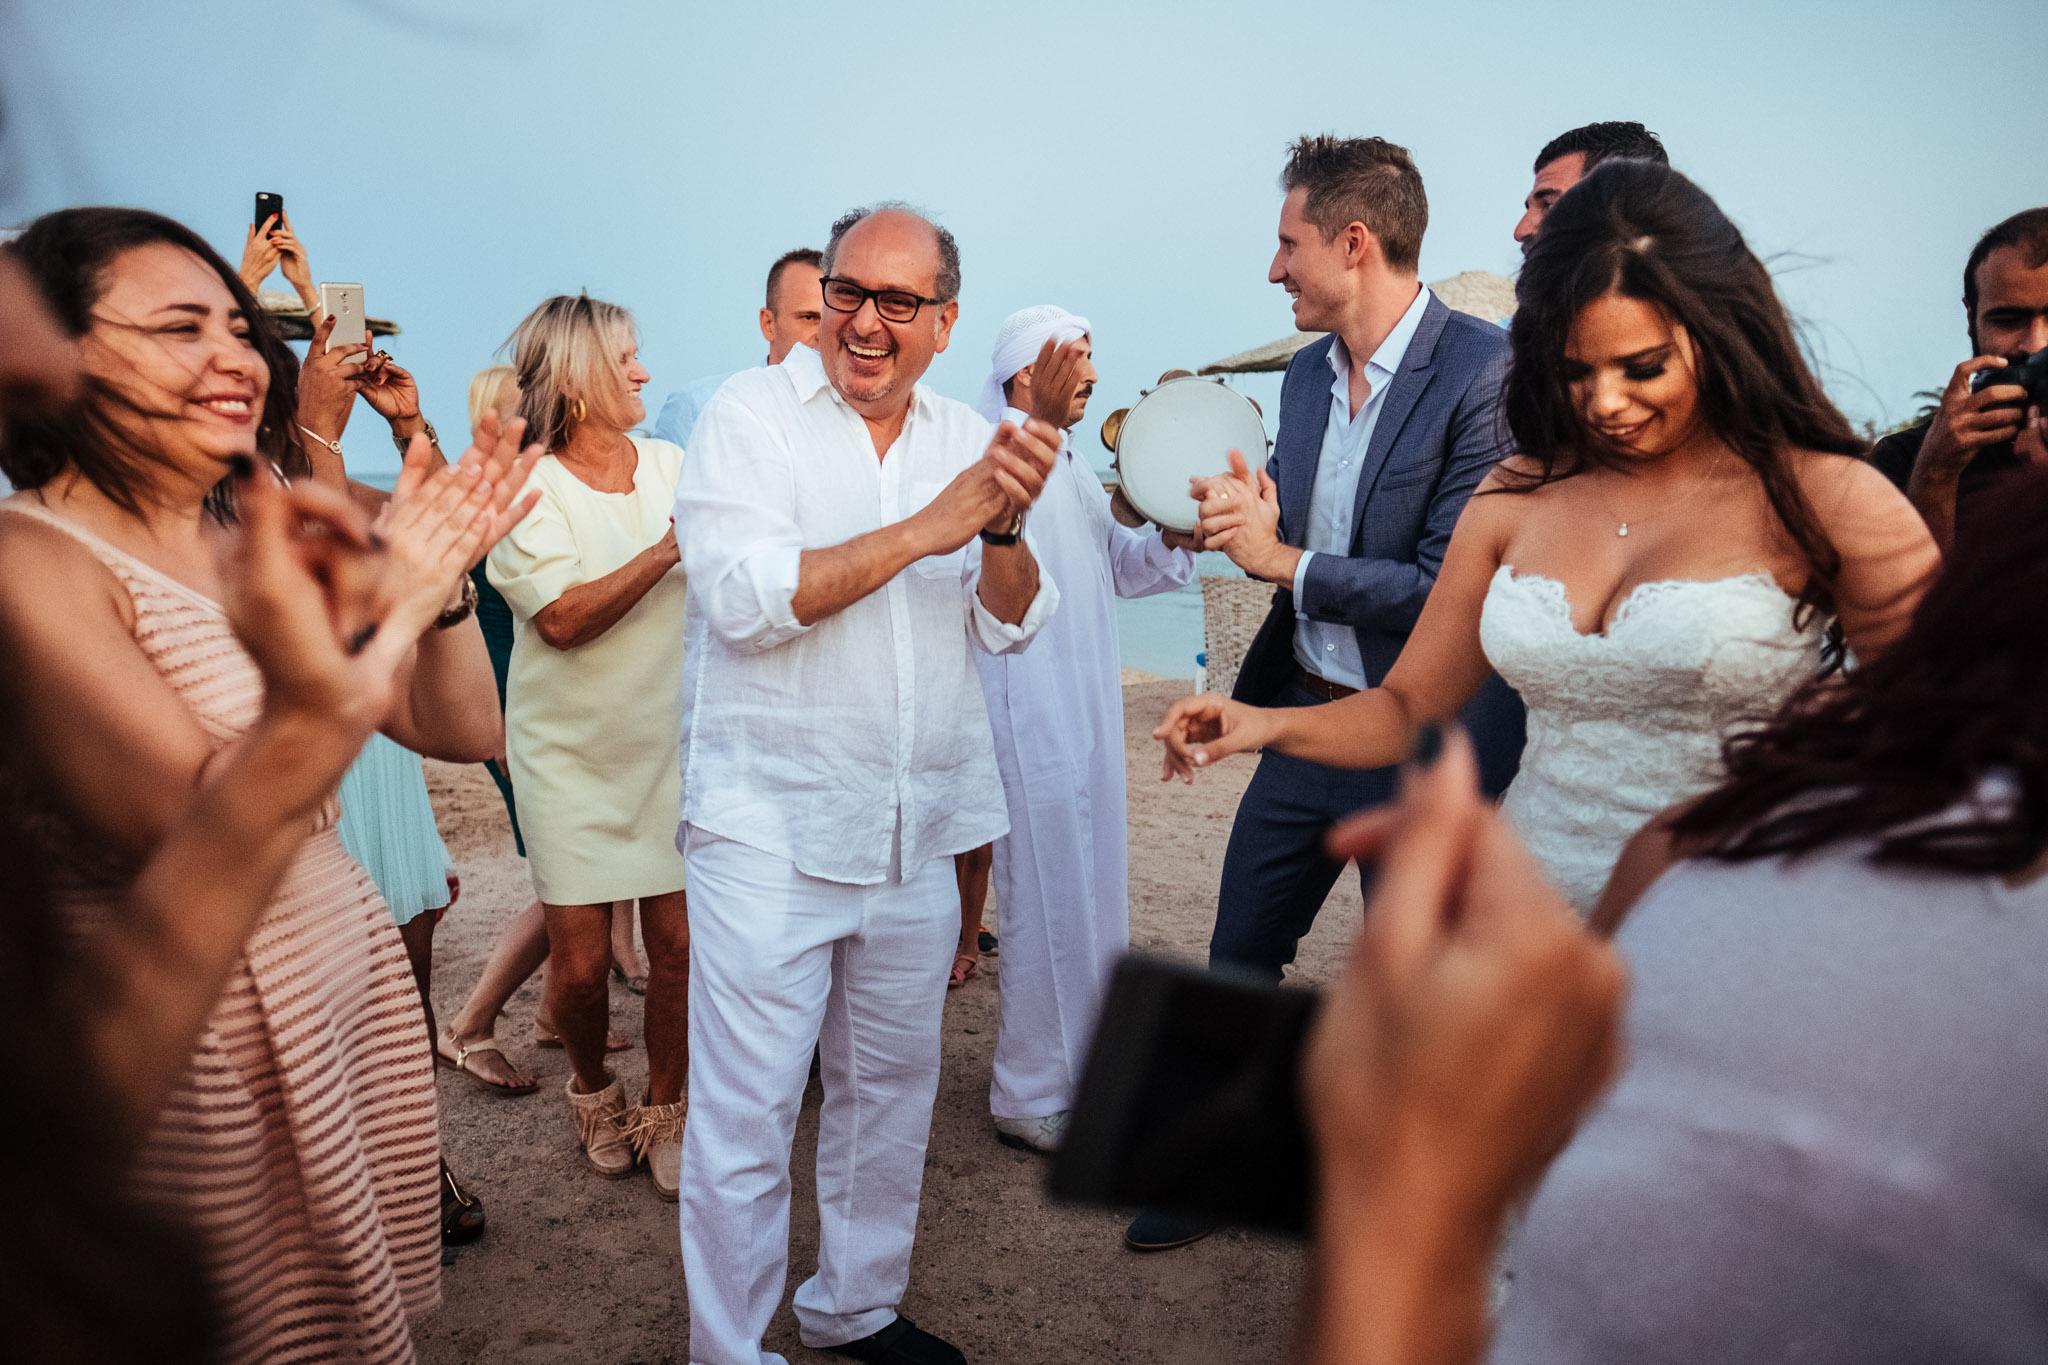 wedding-in-egitto-70.jpg